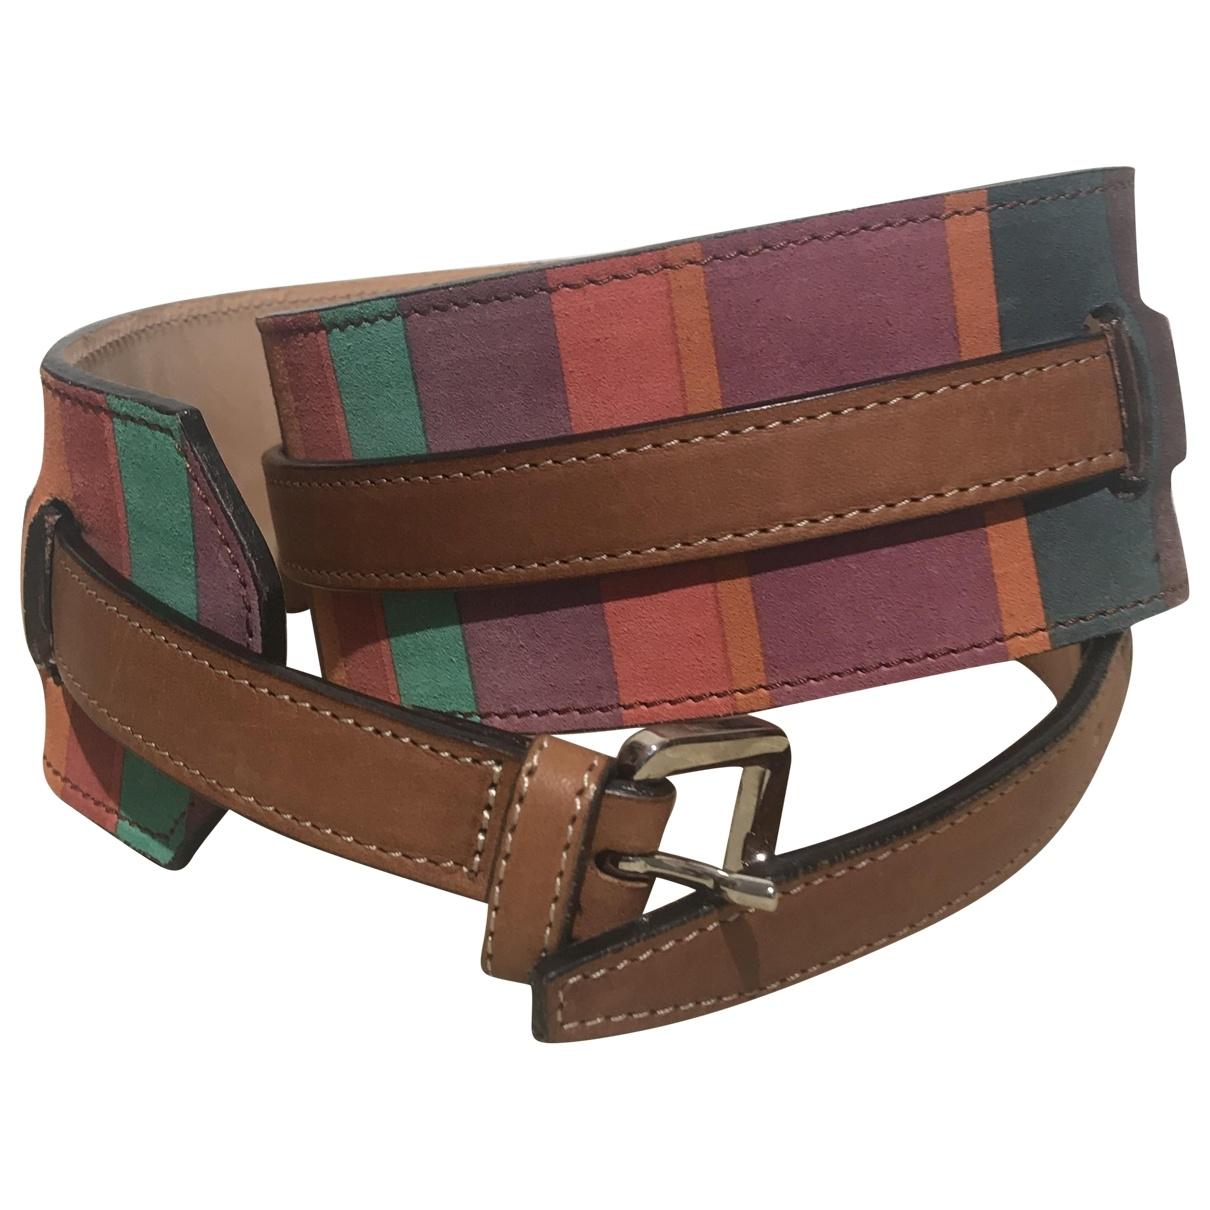 Cinturon Non Signe / Unsigned